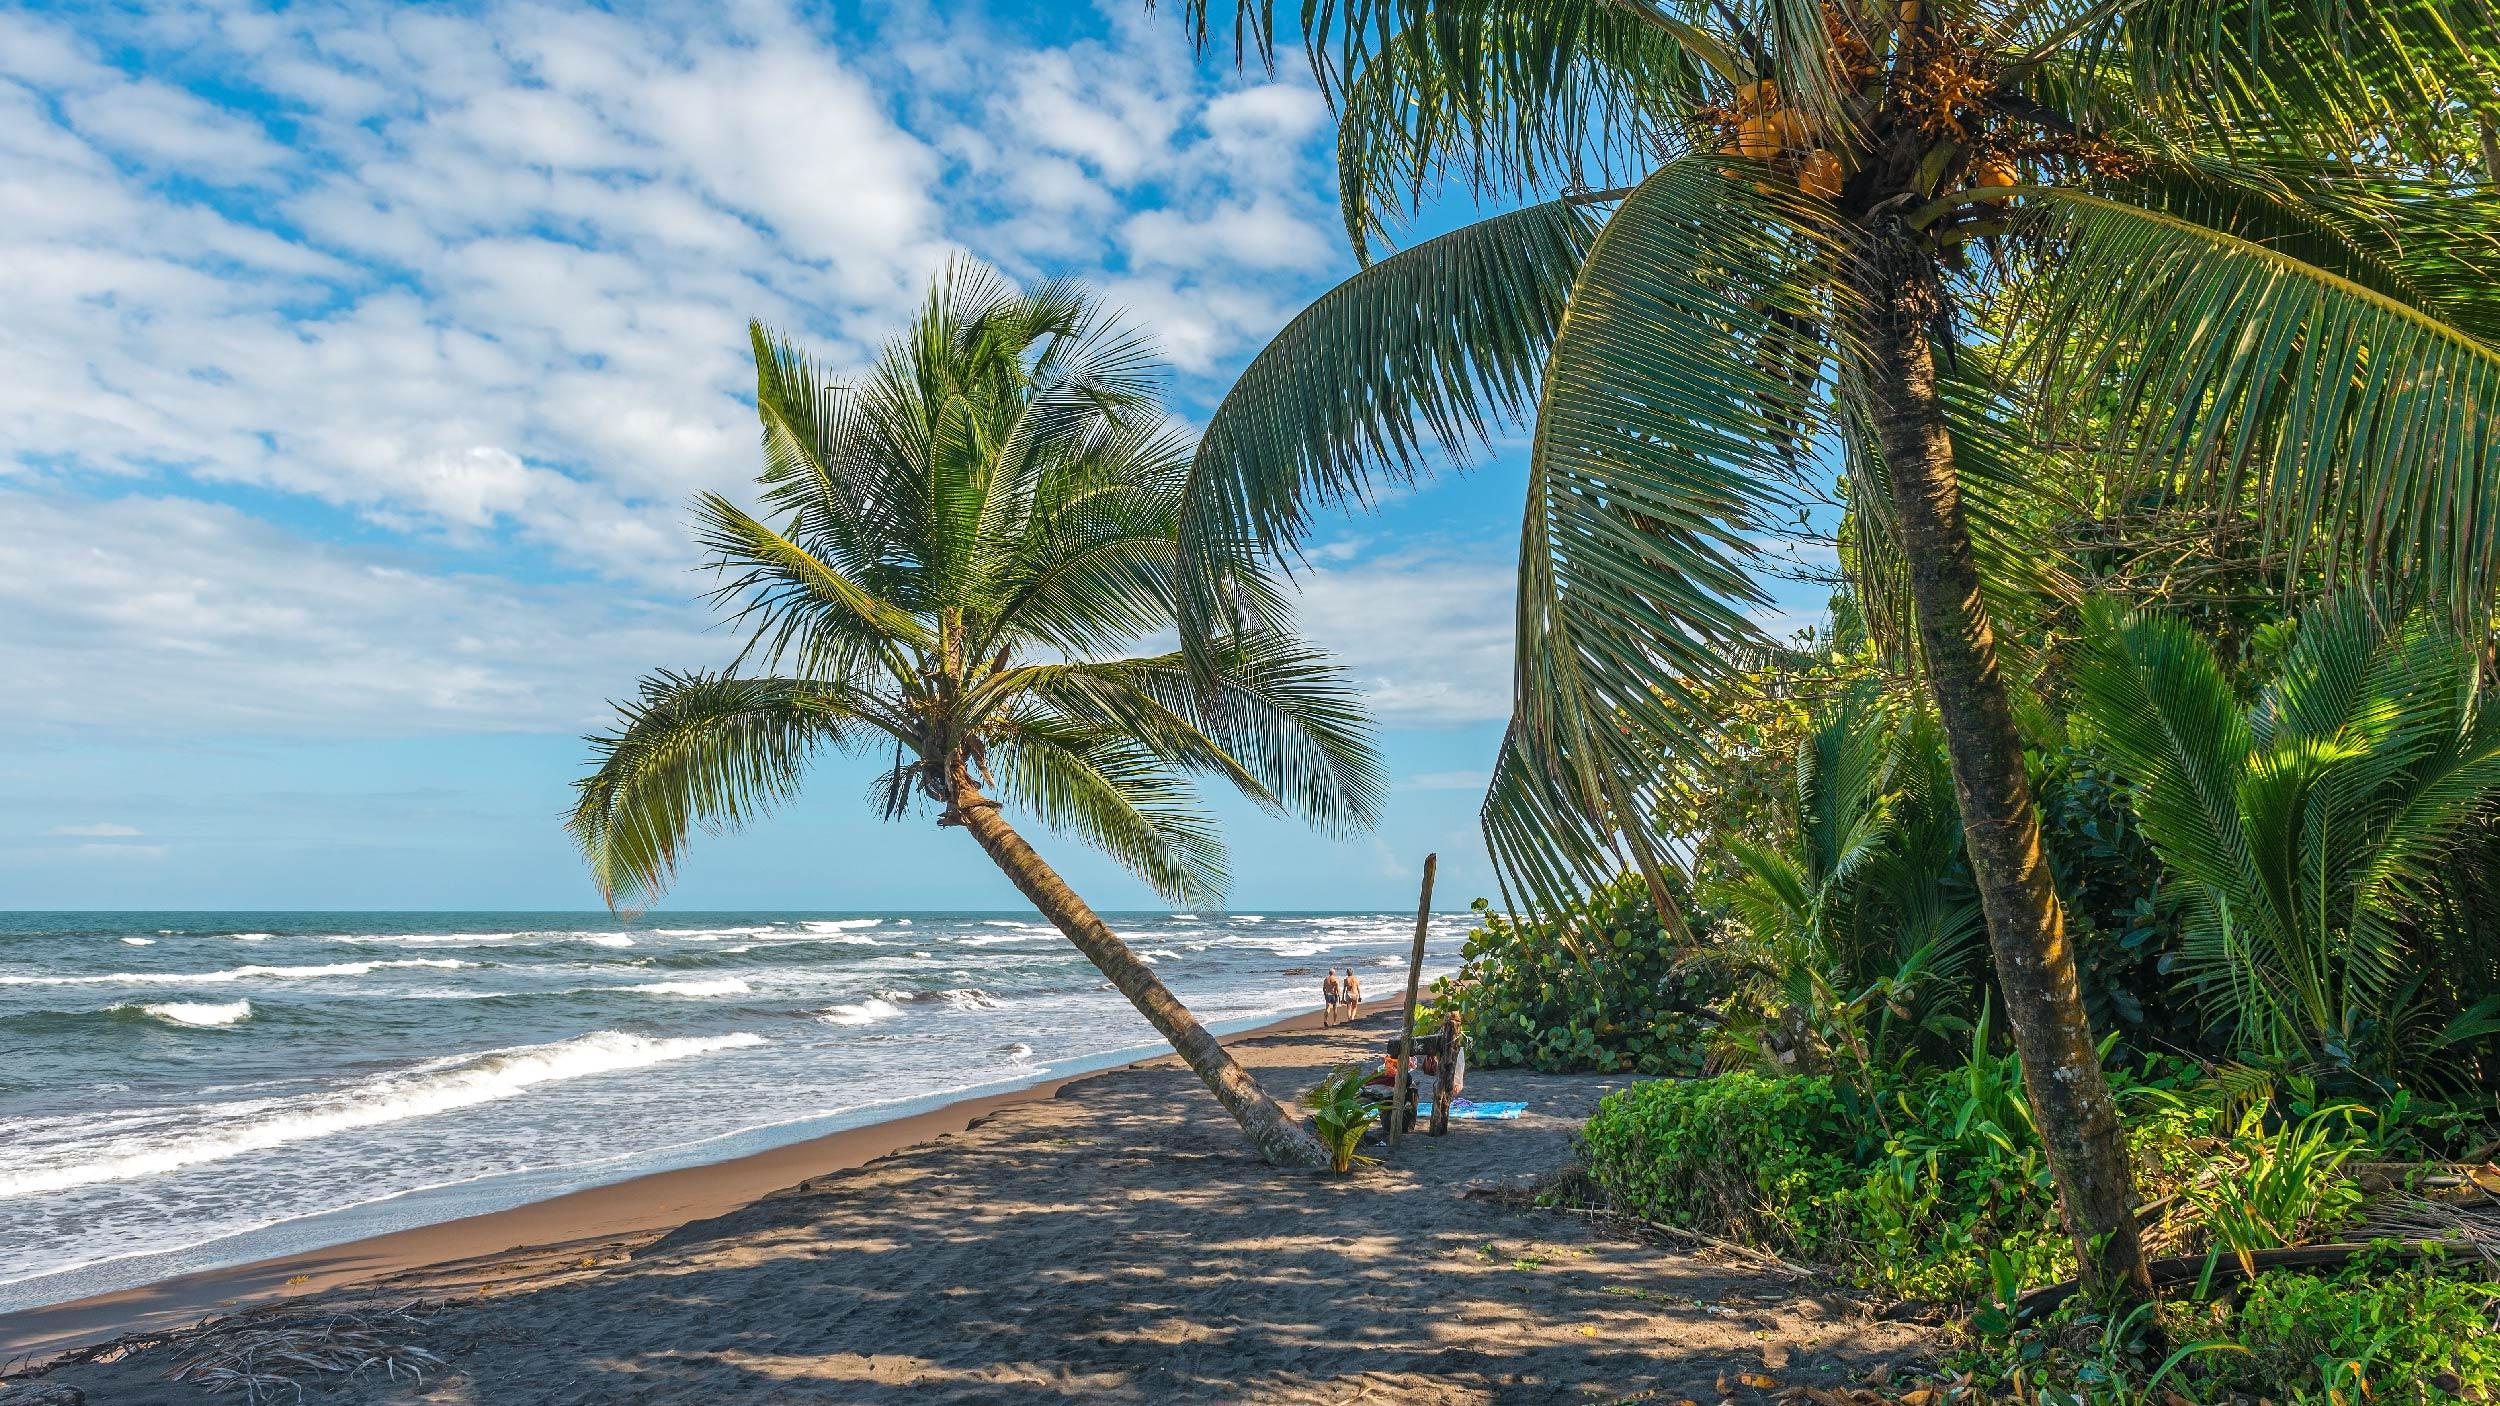 viaje a Tortuguero en Costa Rica